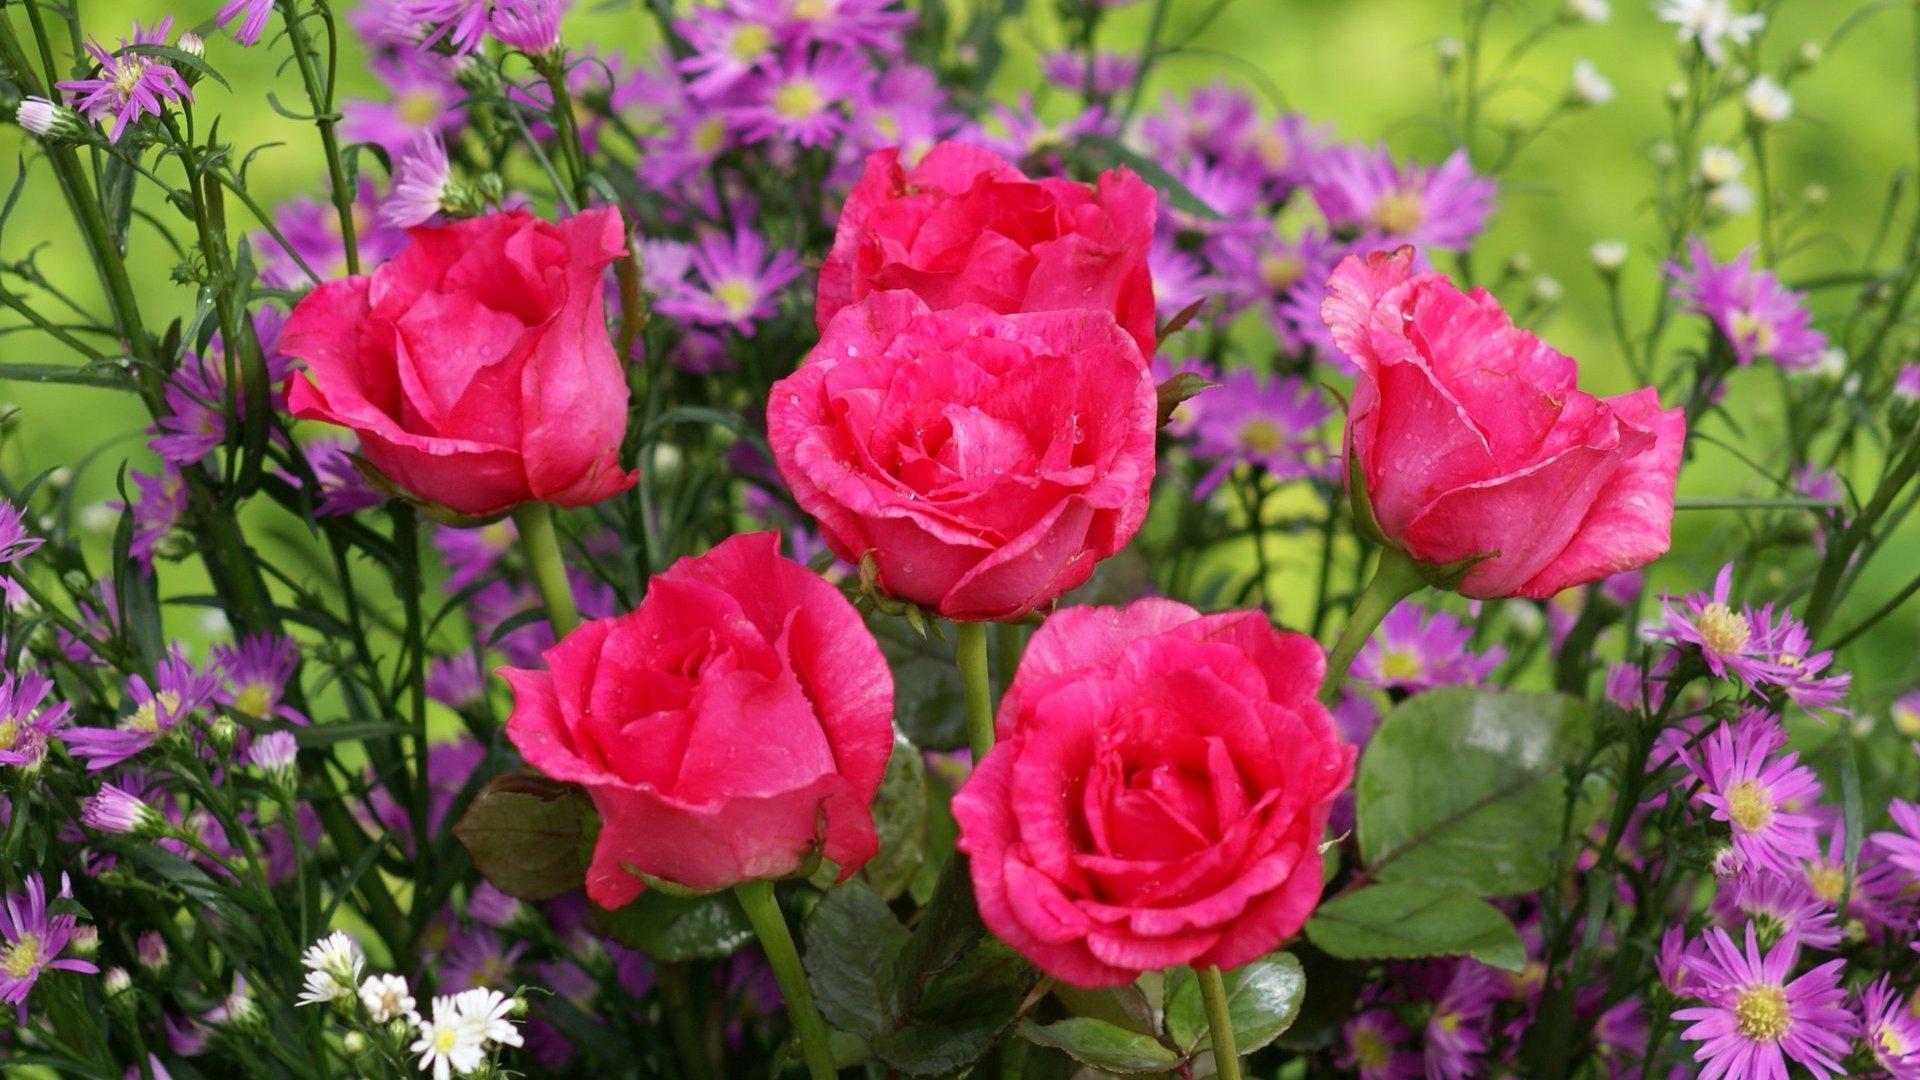 Résultat d'images pour belles roses rouges